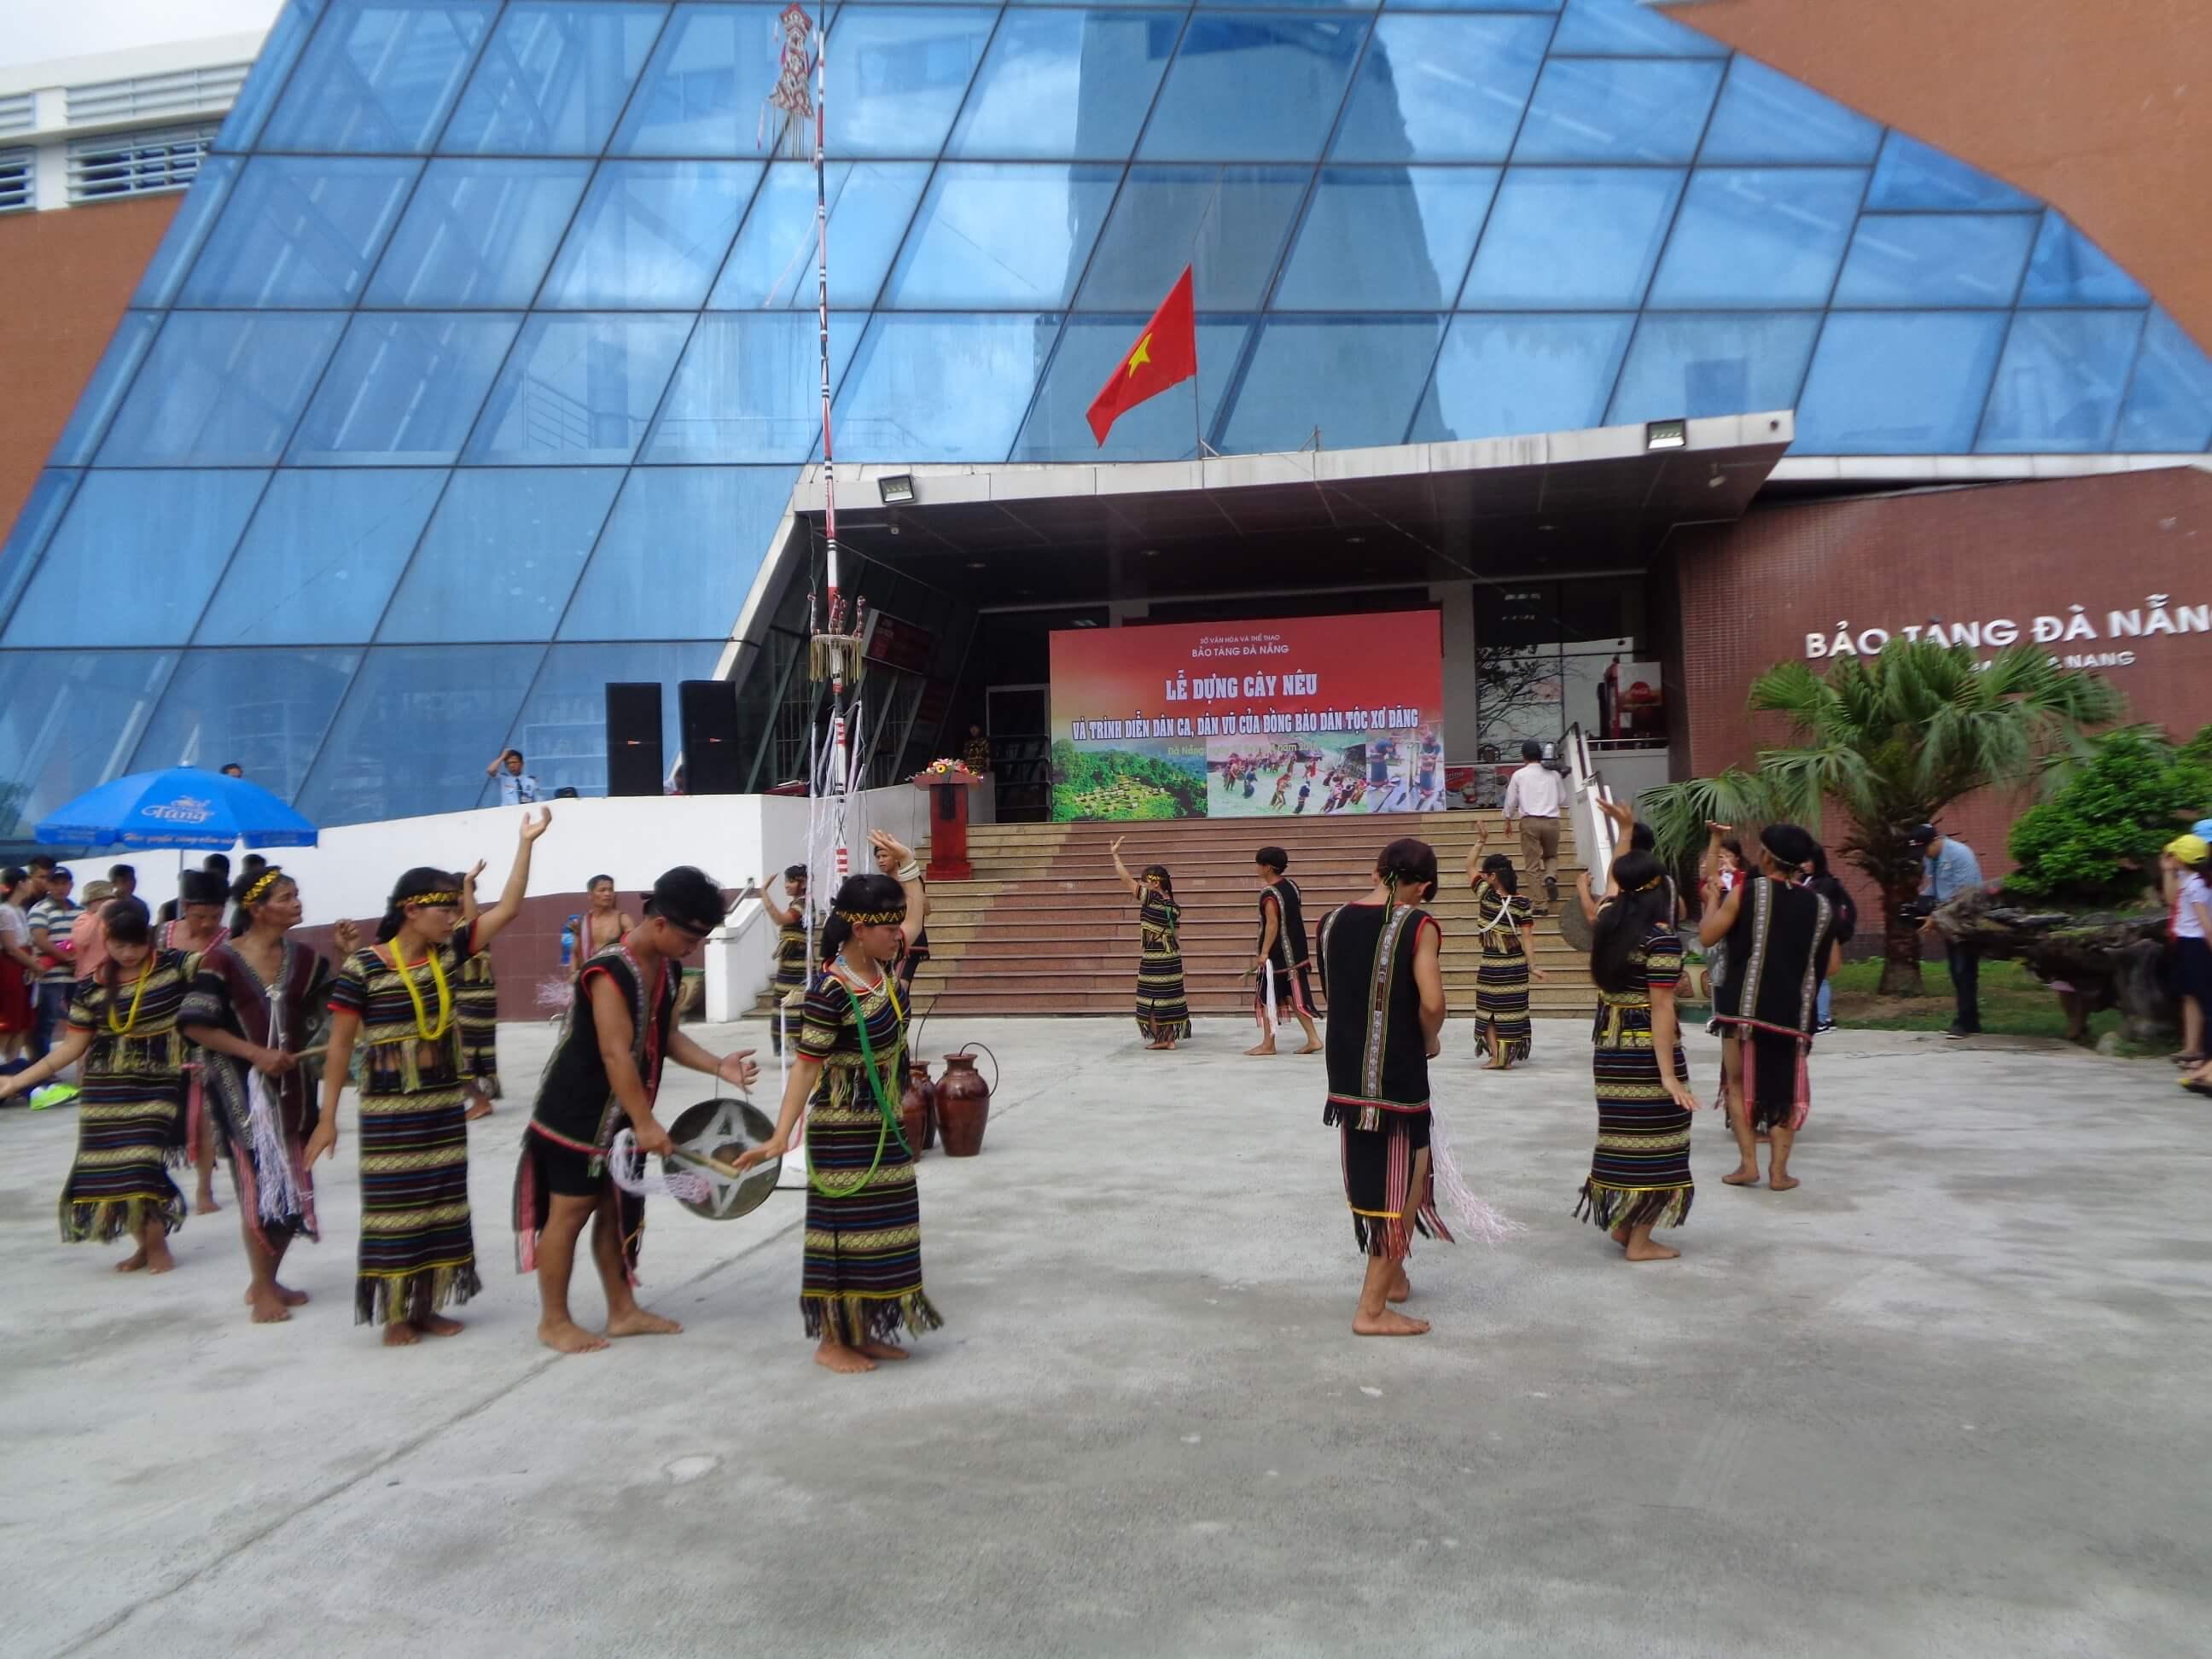 Lễ dựng cây nêu và trình diễn dân ca, dân vũ của đồng bào Xơ đăng